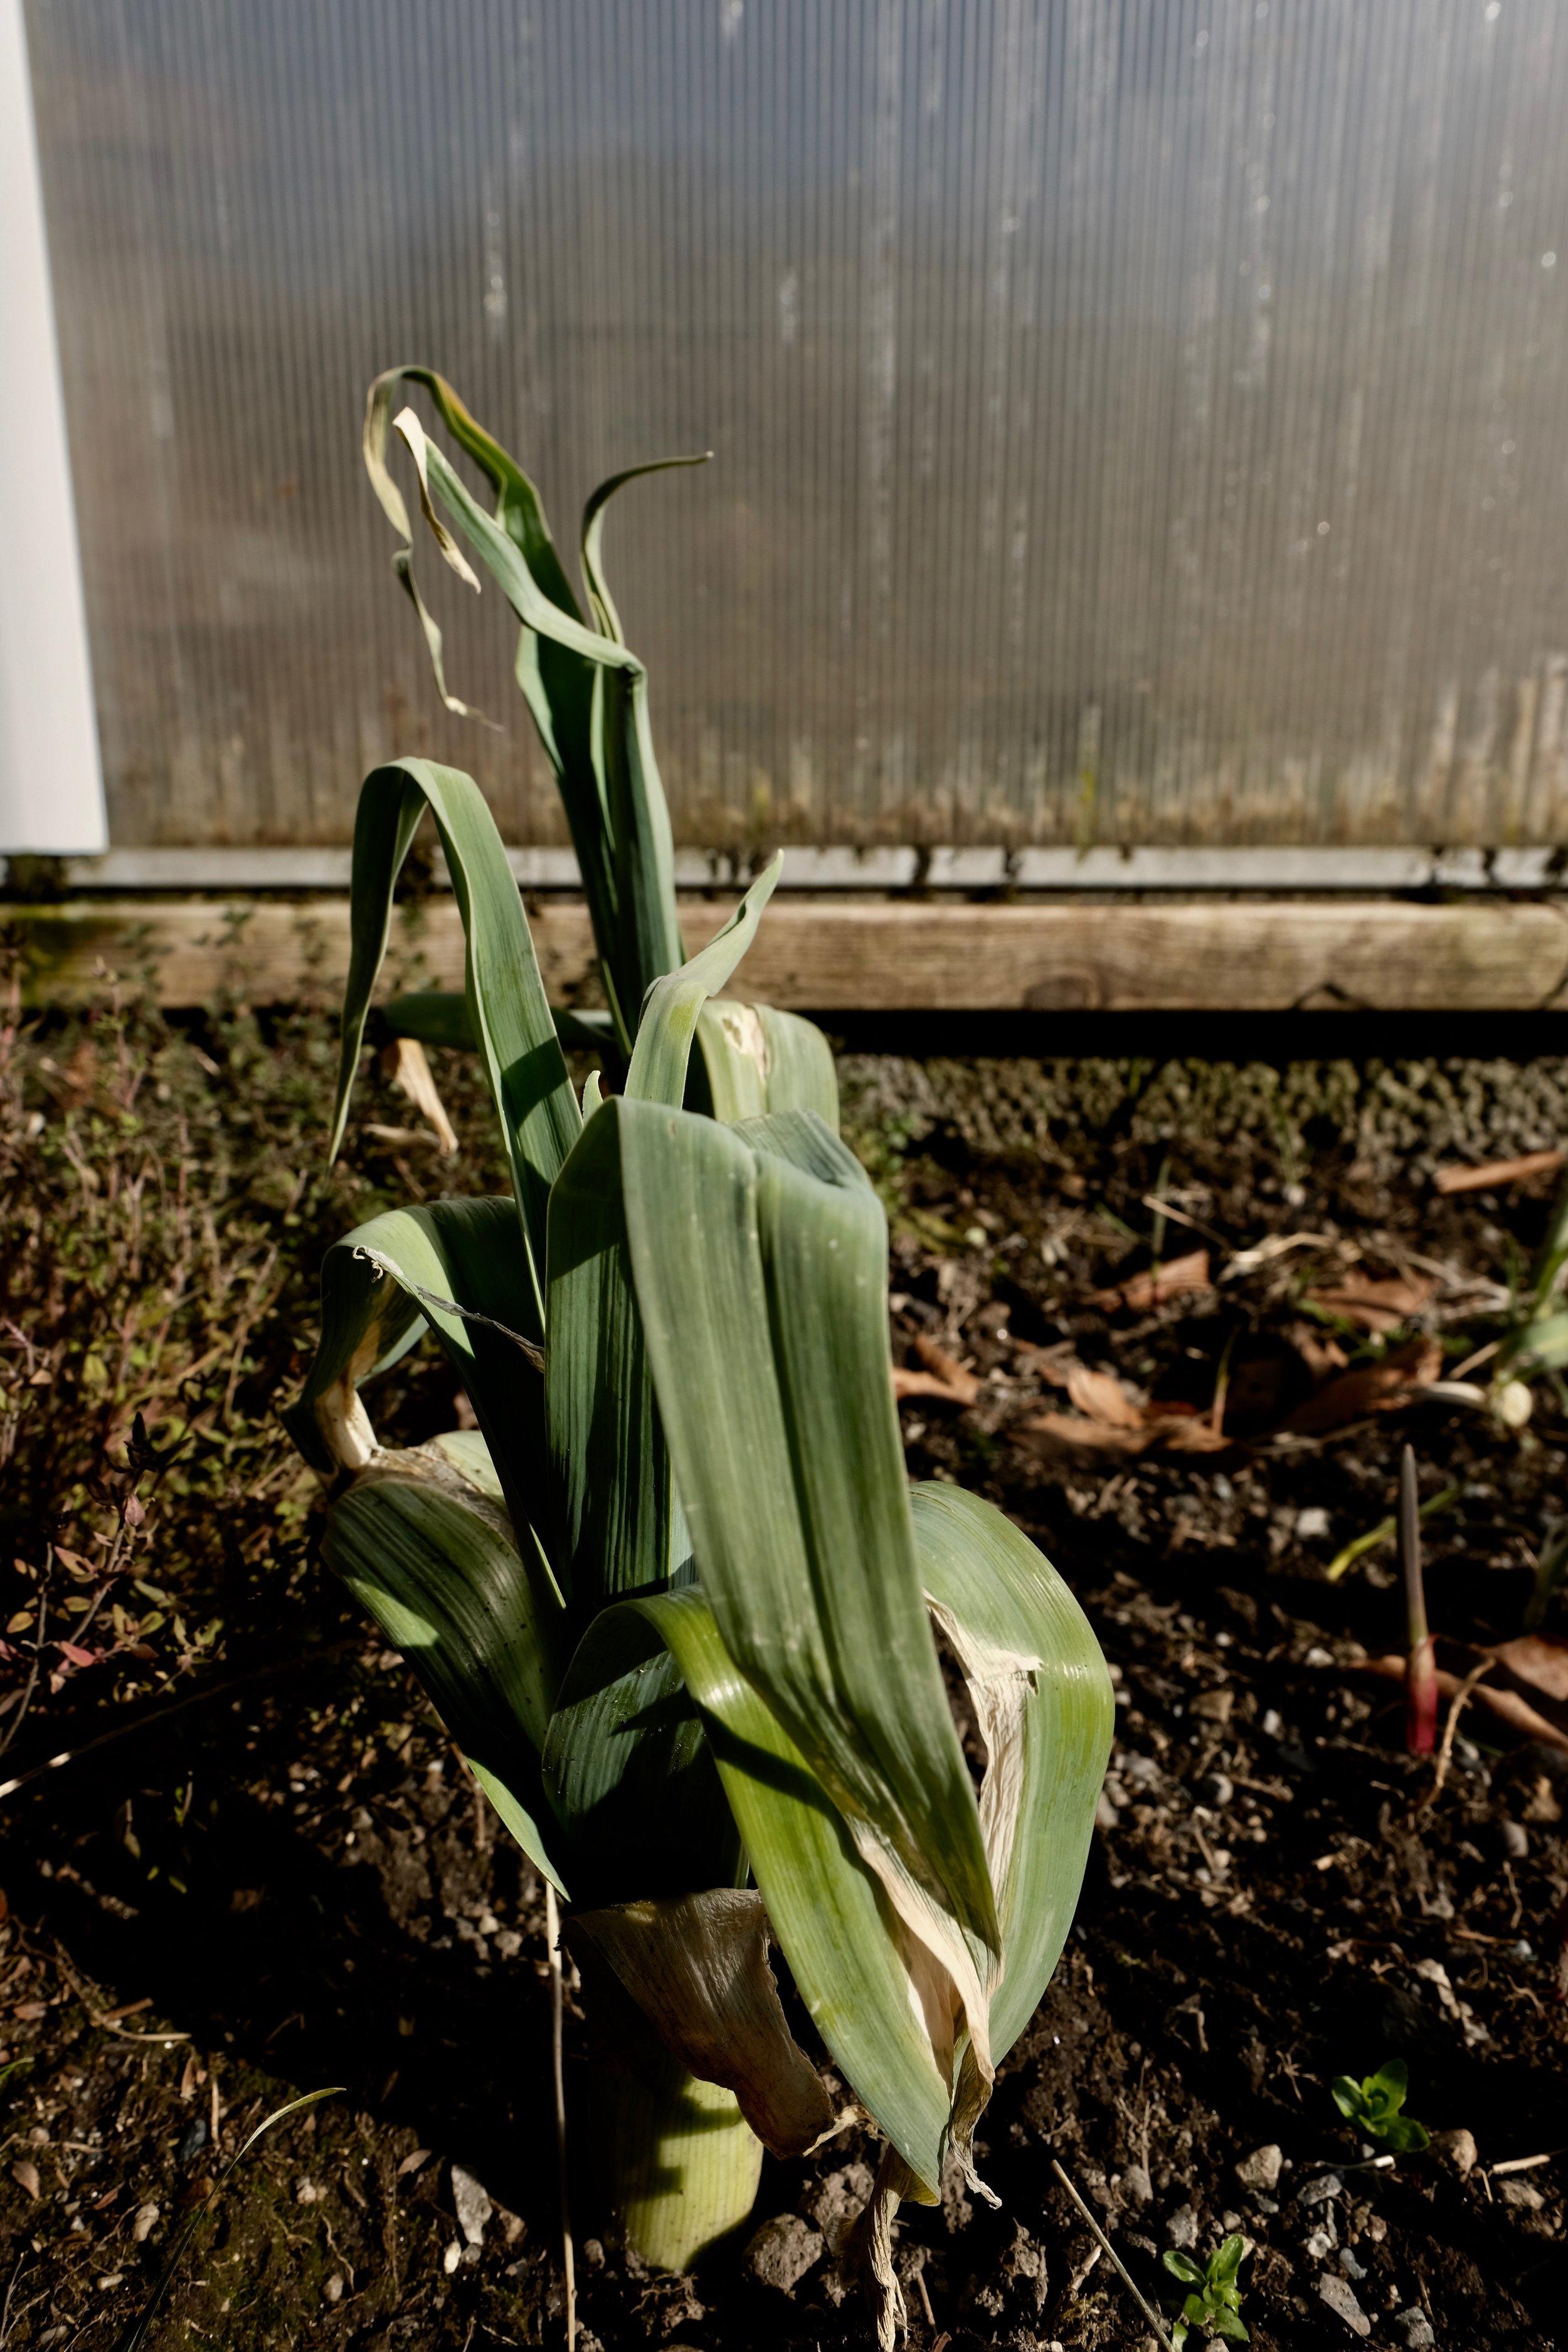 Etter at snjoen smelta viste det seg at purren stod der like fin. Så no et me fersk purre i april.